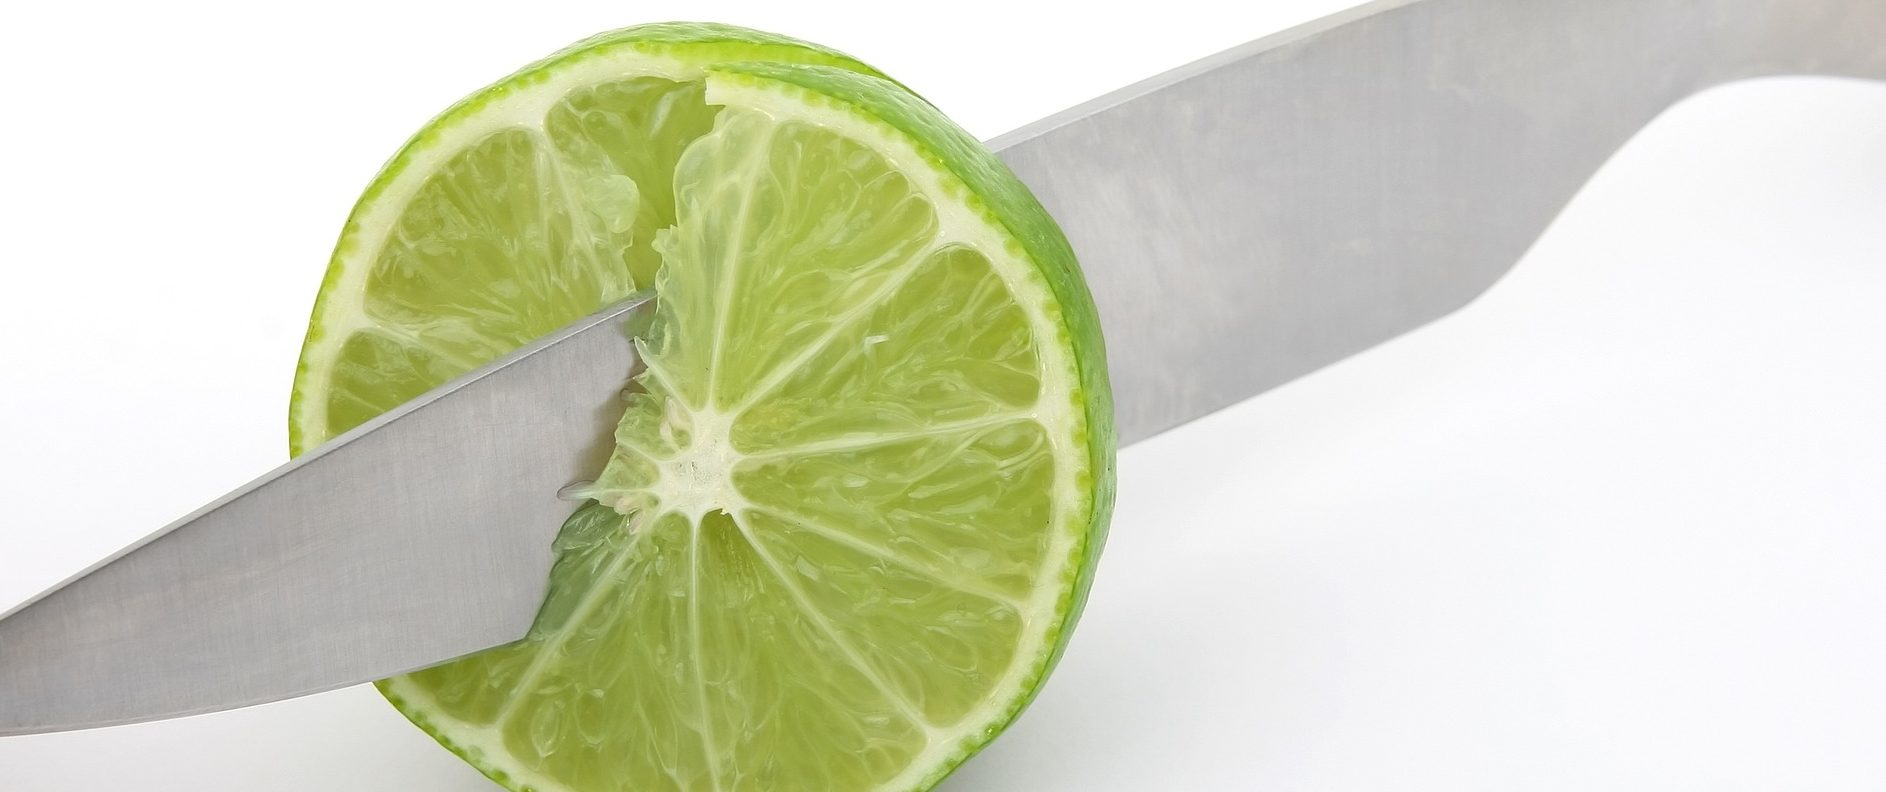 Se Receber Um Limao Faça Uma Limonada